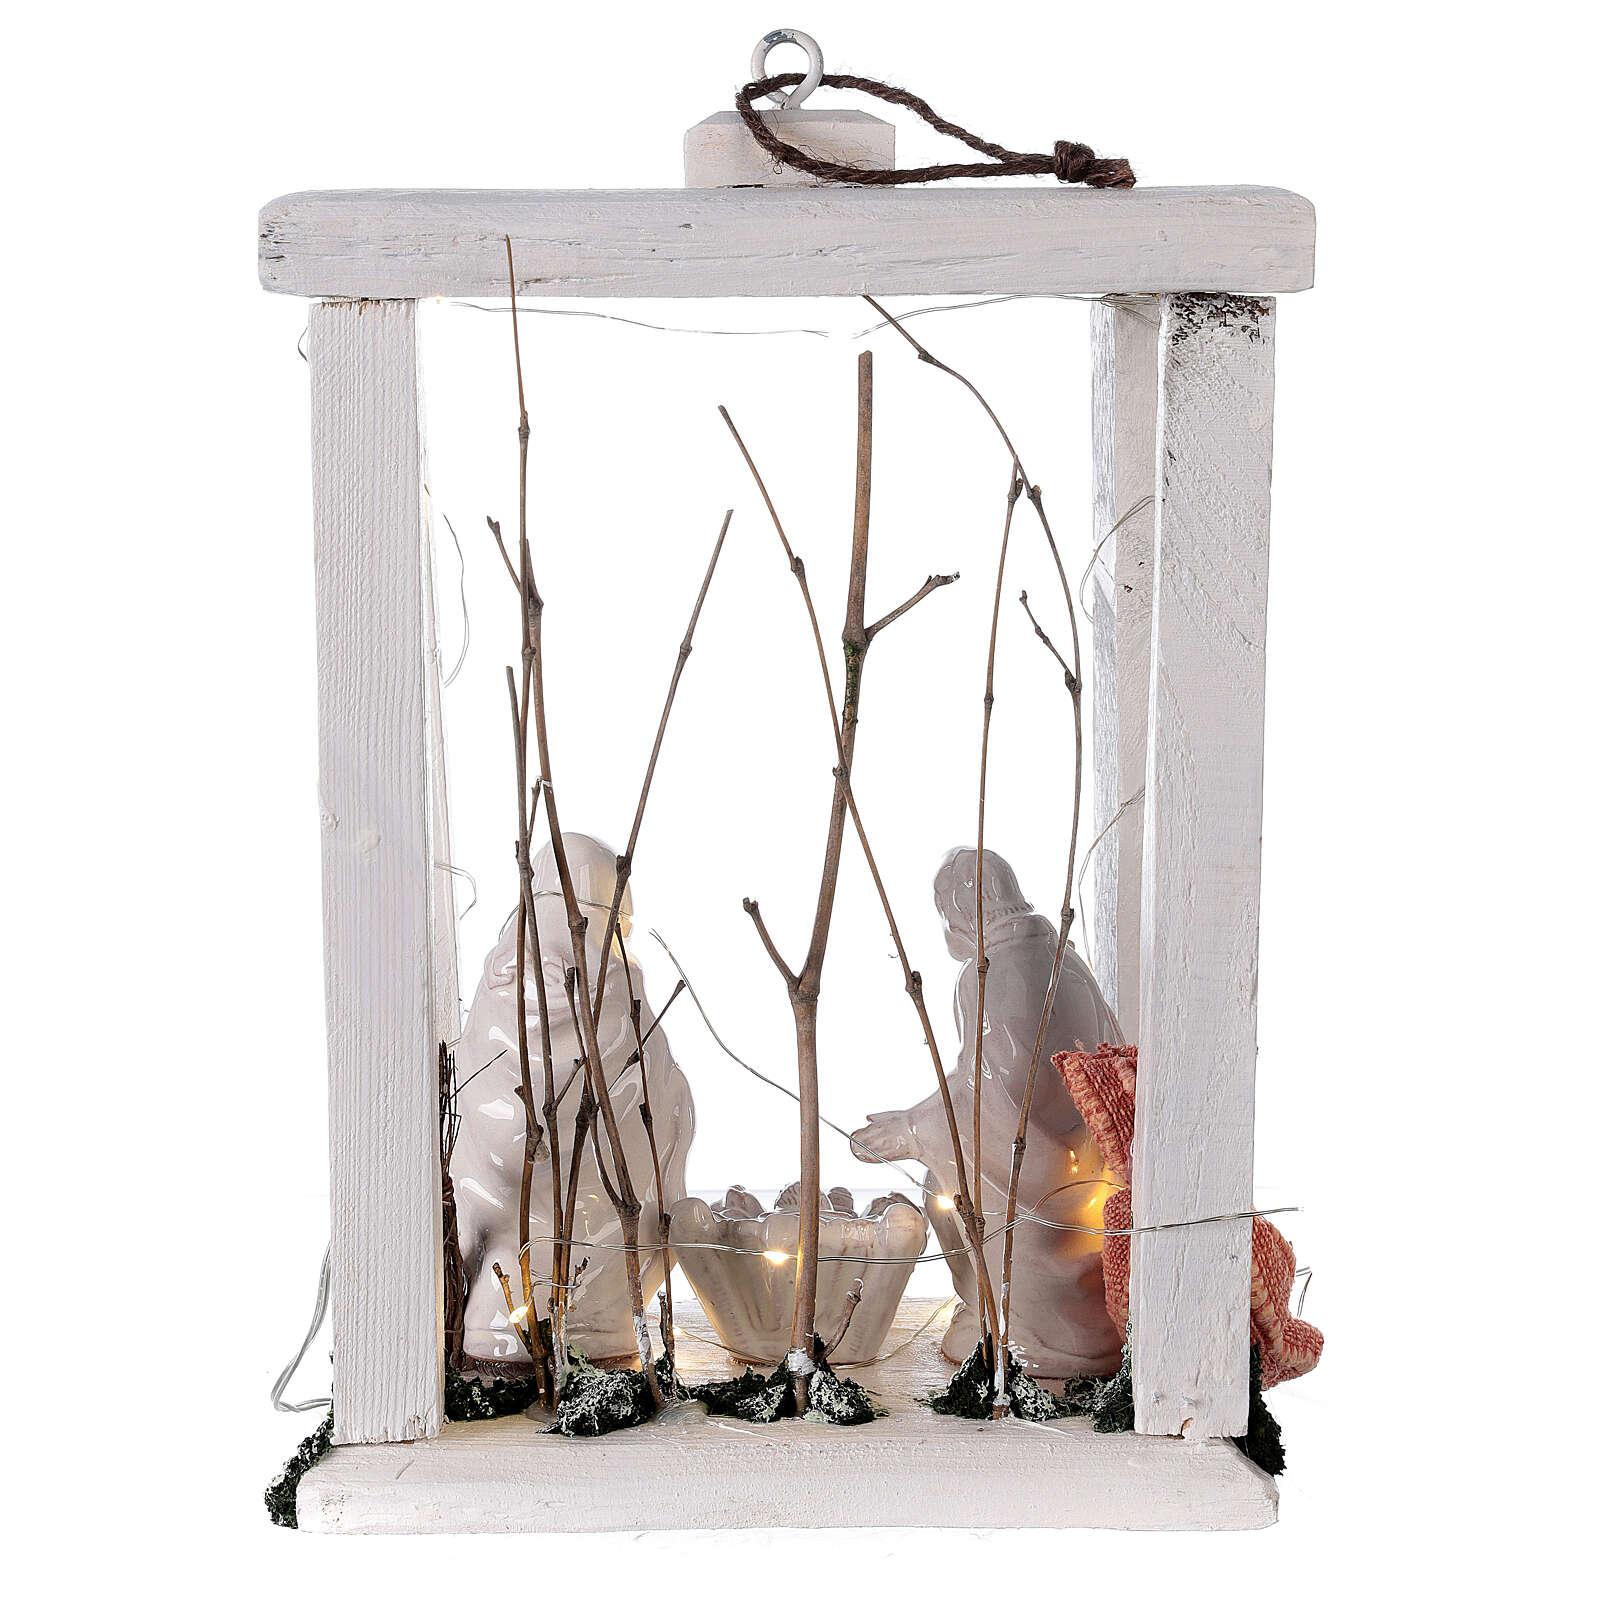 Lanterne bois santons terre cuite blanche Deruta 30x22x18 cm 20 nanoLED 4